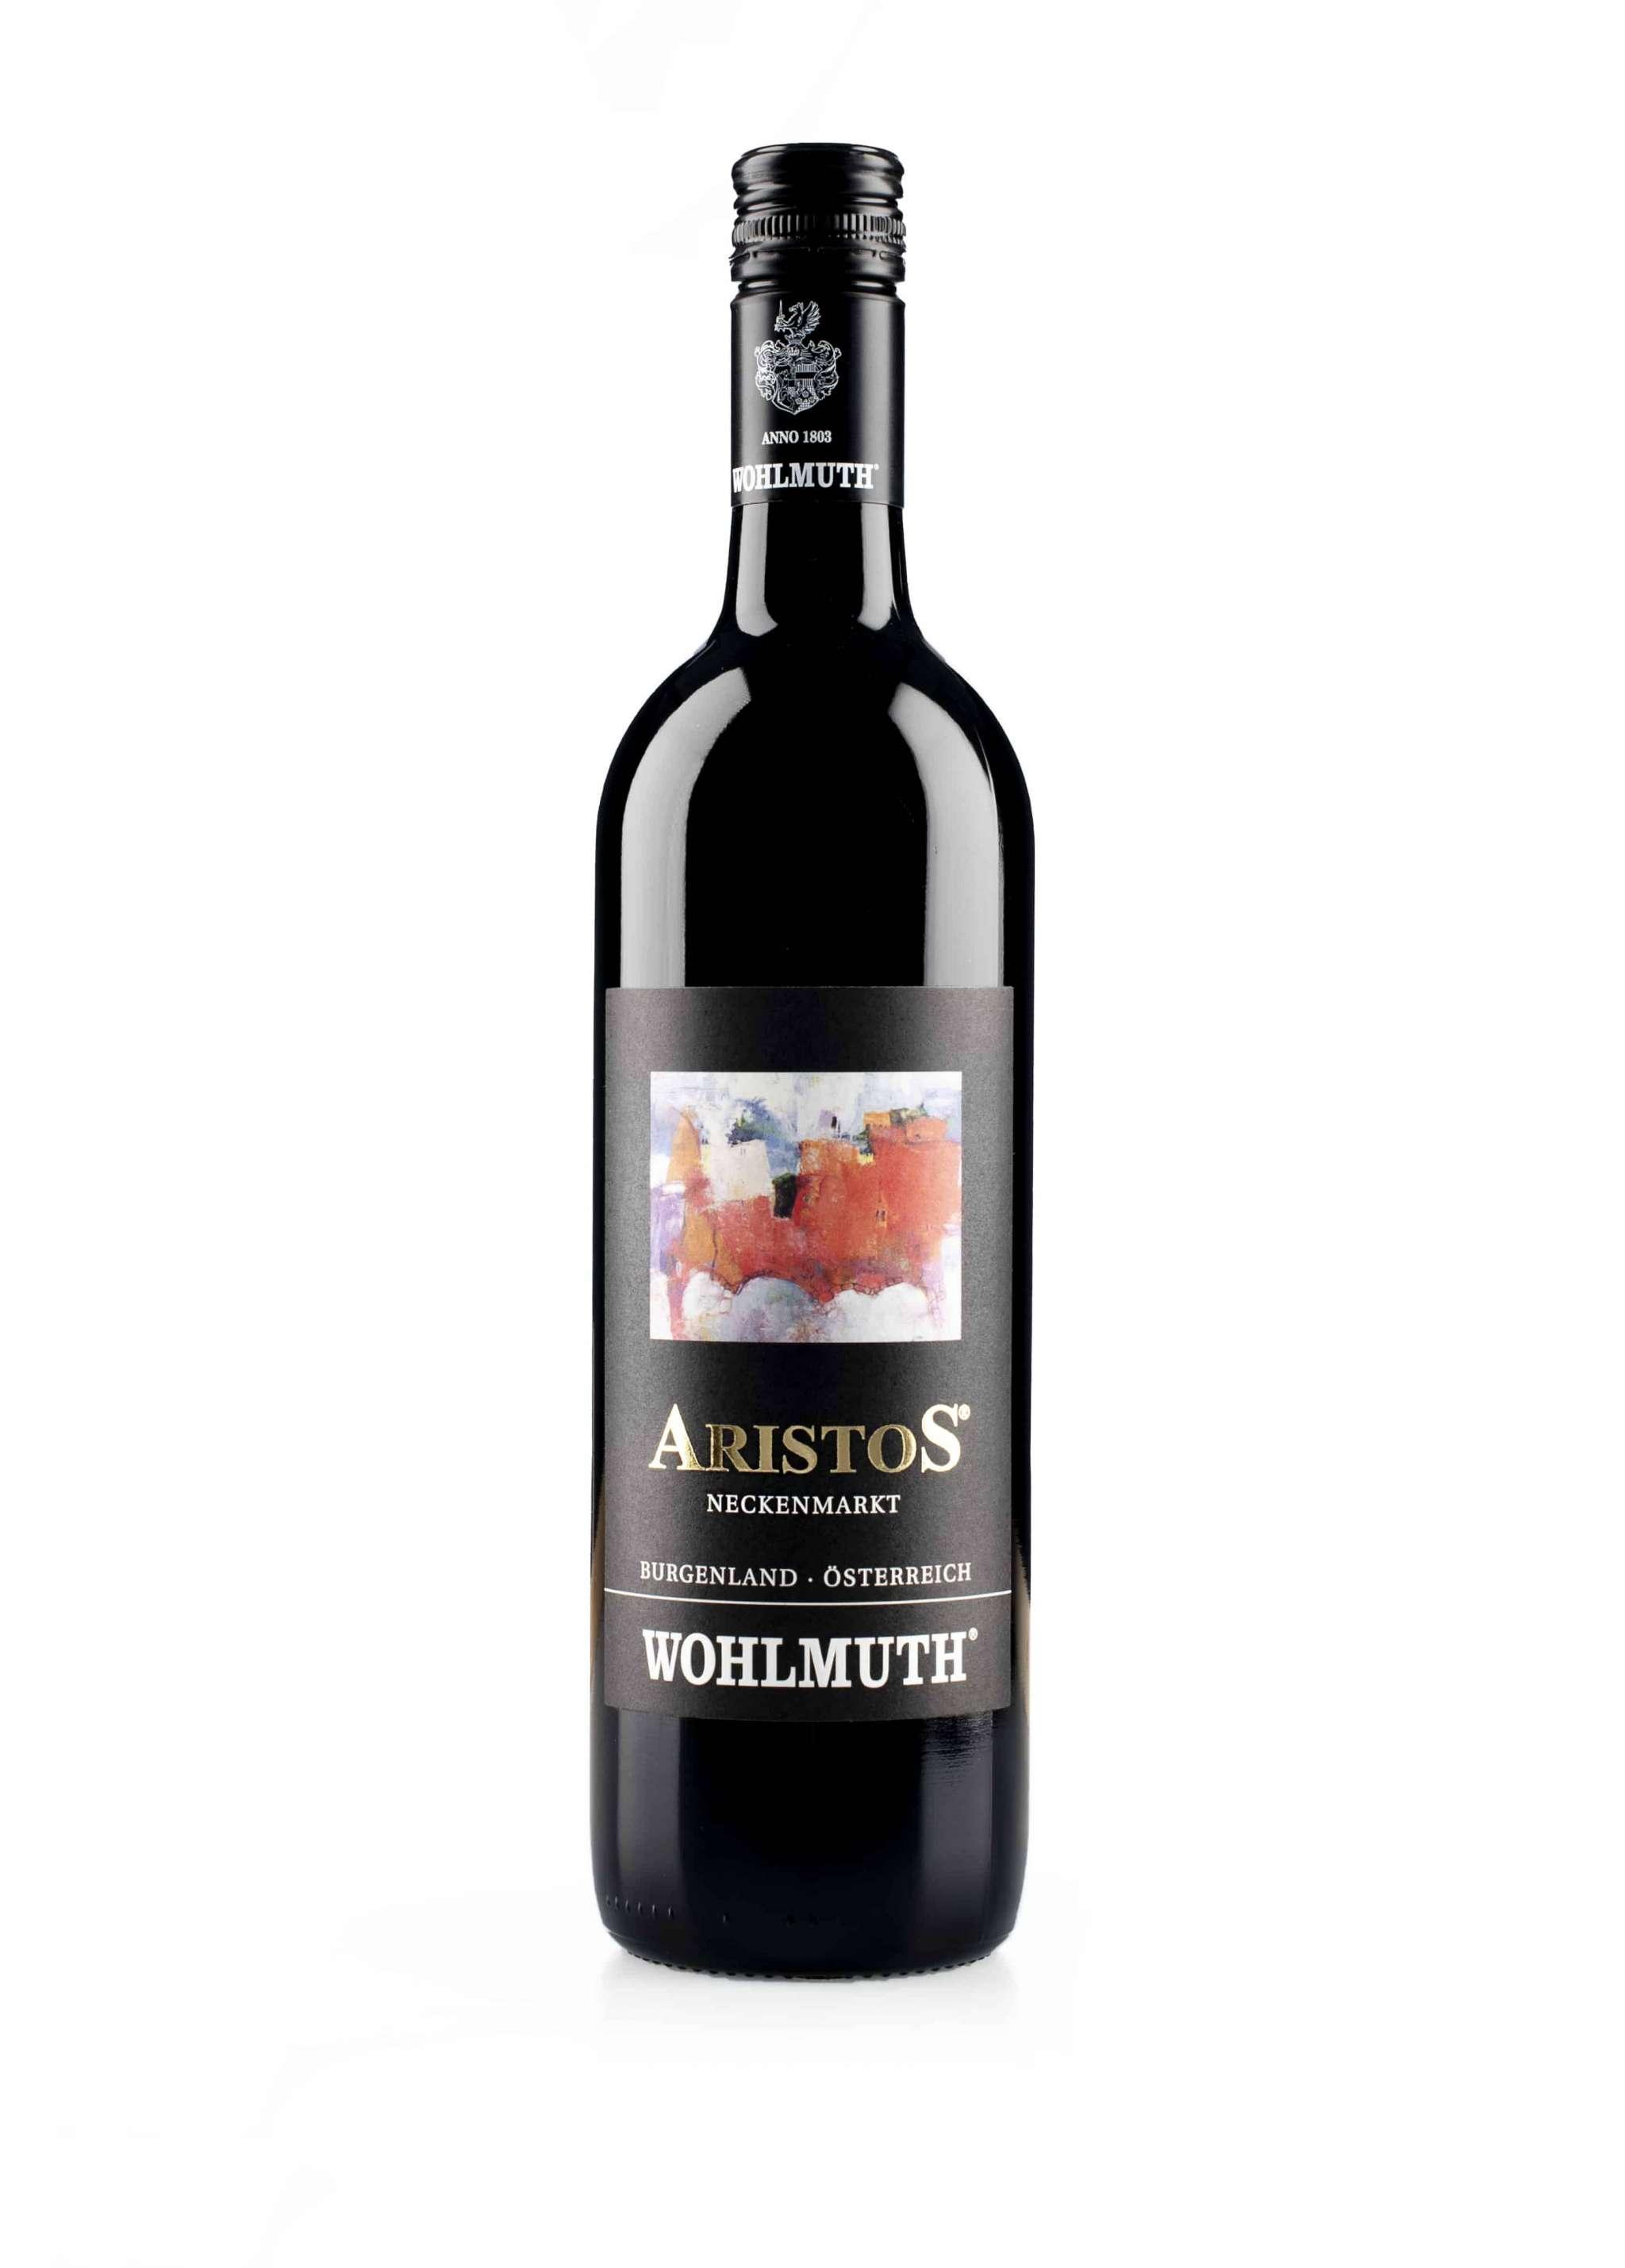 Oostenrijkse rode wijn van wijndomein Wohlmuth: Aristos'